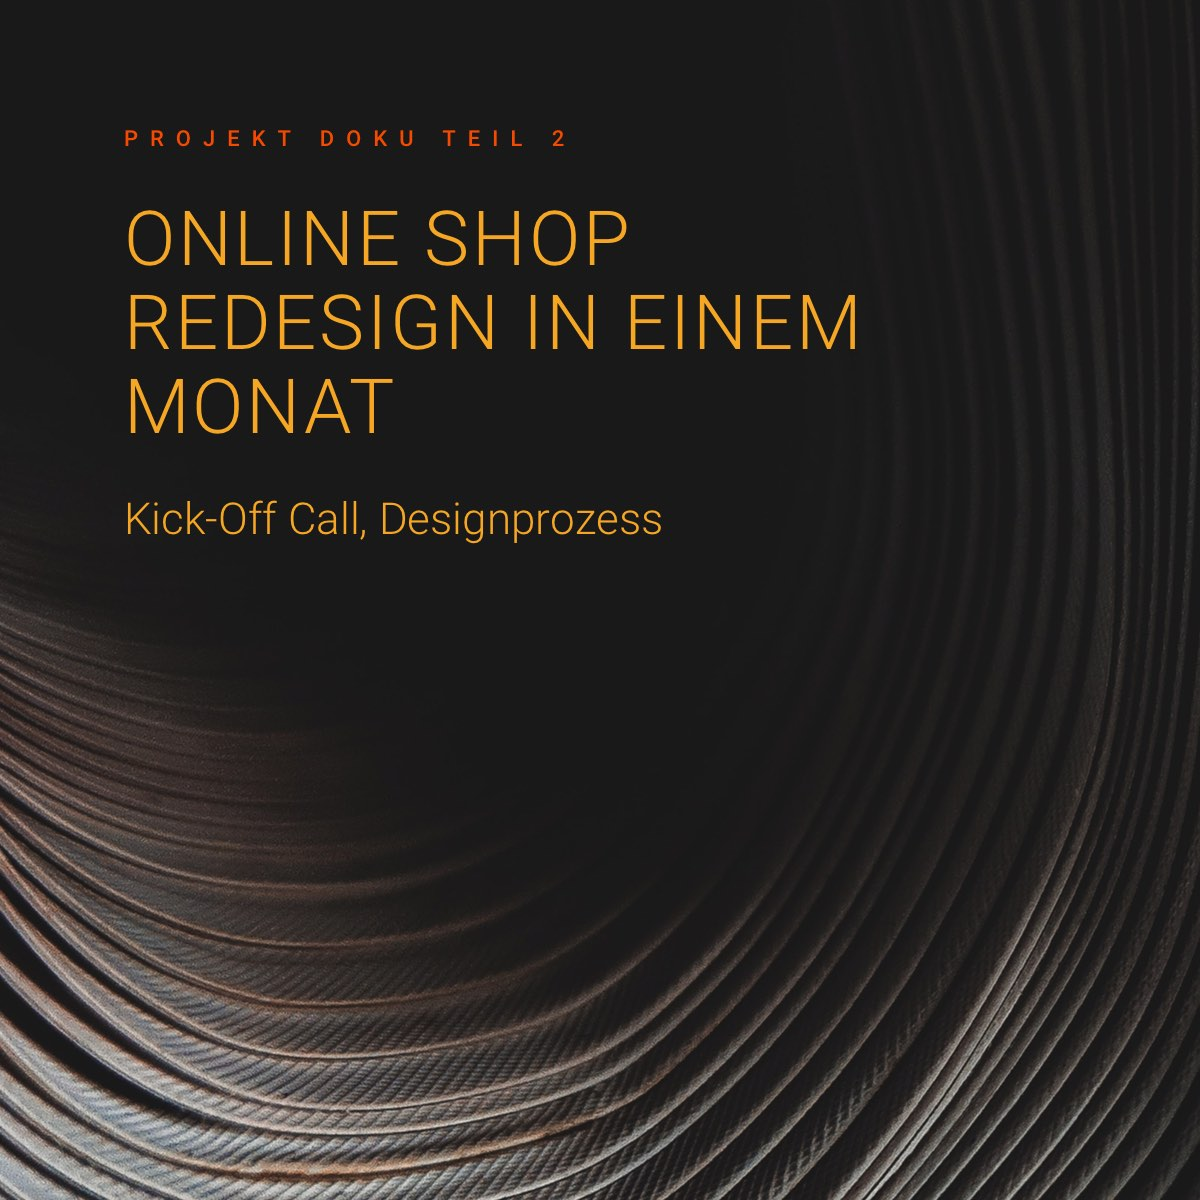 Tagebuch: Online Shop Redesign in einem Monat: Kick-Off Call, Designprozess - Doku 2